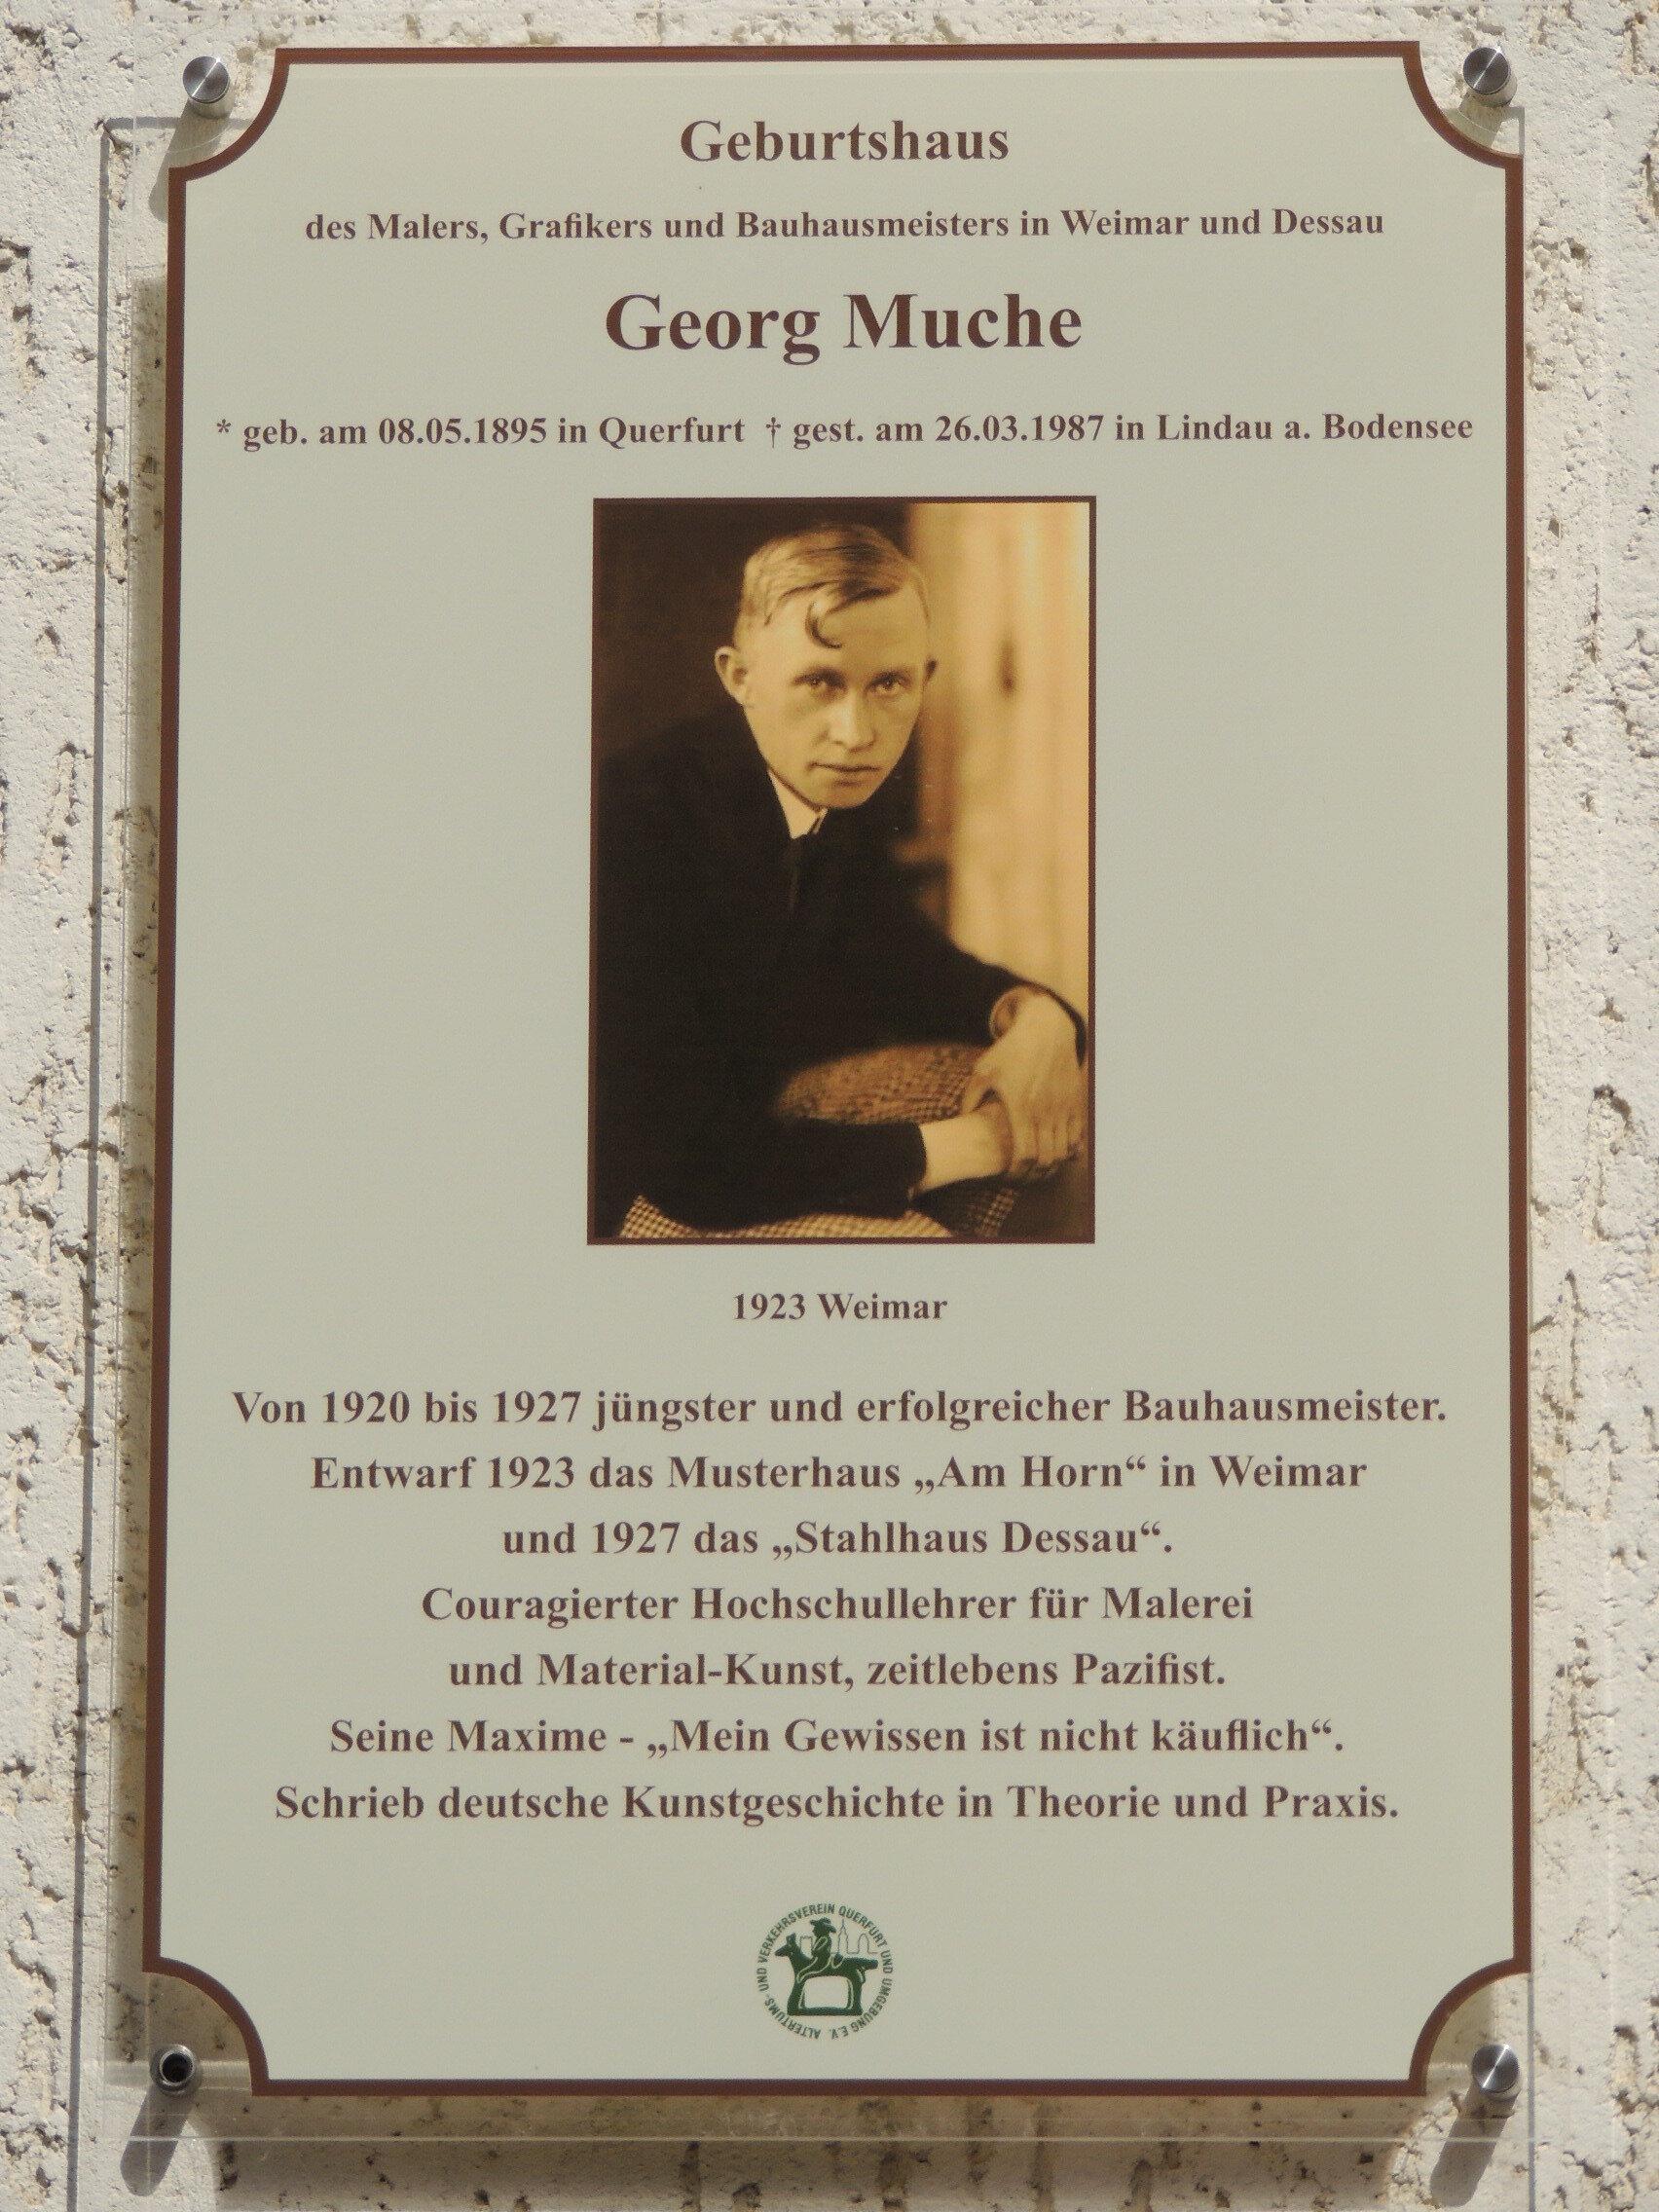 Gedenktafel am Muche-Geburtshaus